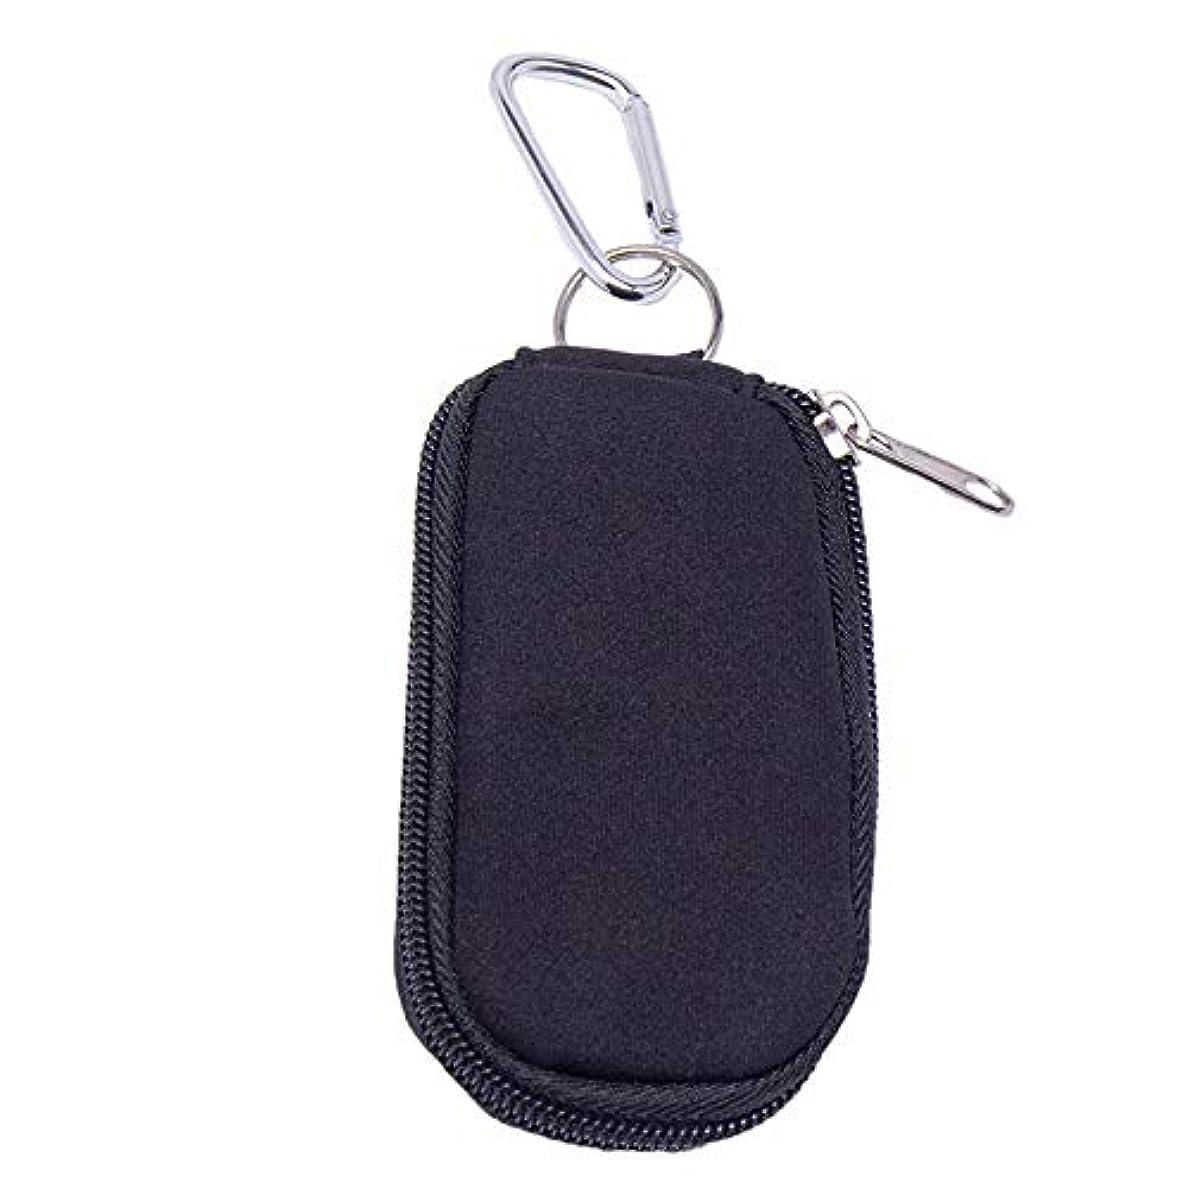 歪めるありがたいコック精油ケース 10のエッセンシャルオイルキャリングケースは、2ミリリットルボトルエッセンシャルオイルストレージバッグブラックを開催します 携帯便利 (色 : ブラック, サイズ : 11X6X1.5CM)